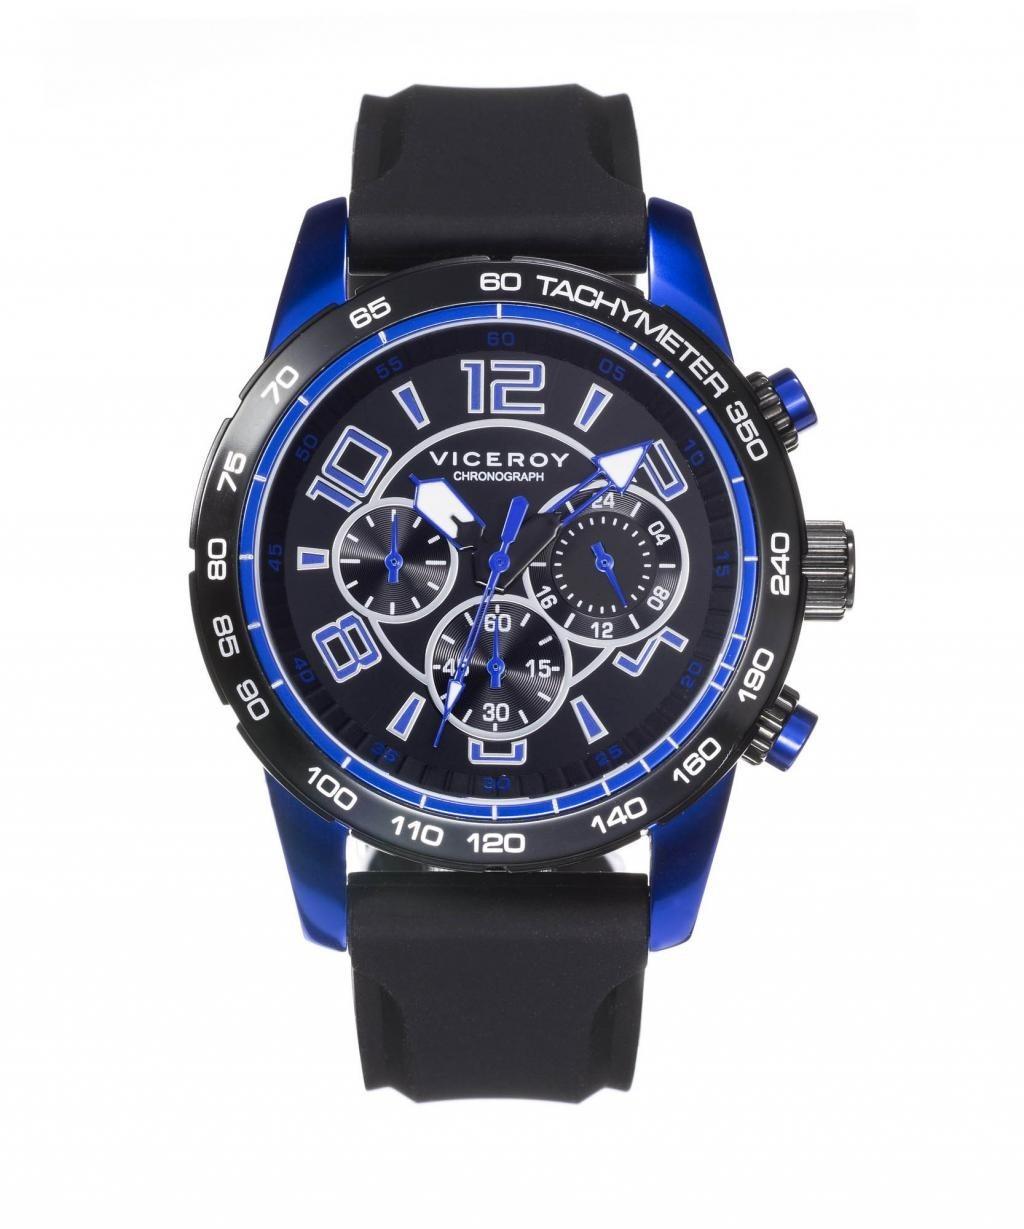 Las 10 mejores marcas de relojes baratos y buenos marcas - Mecanismo reloj pared barato ...